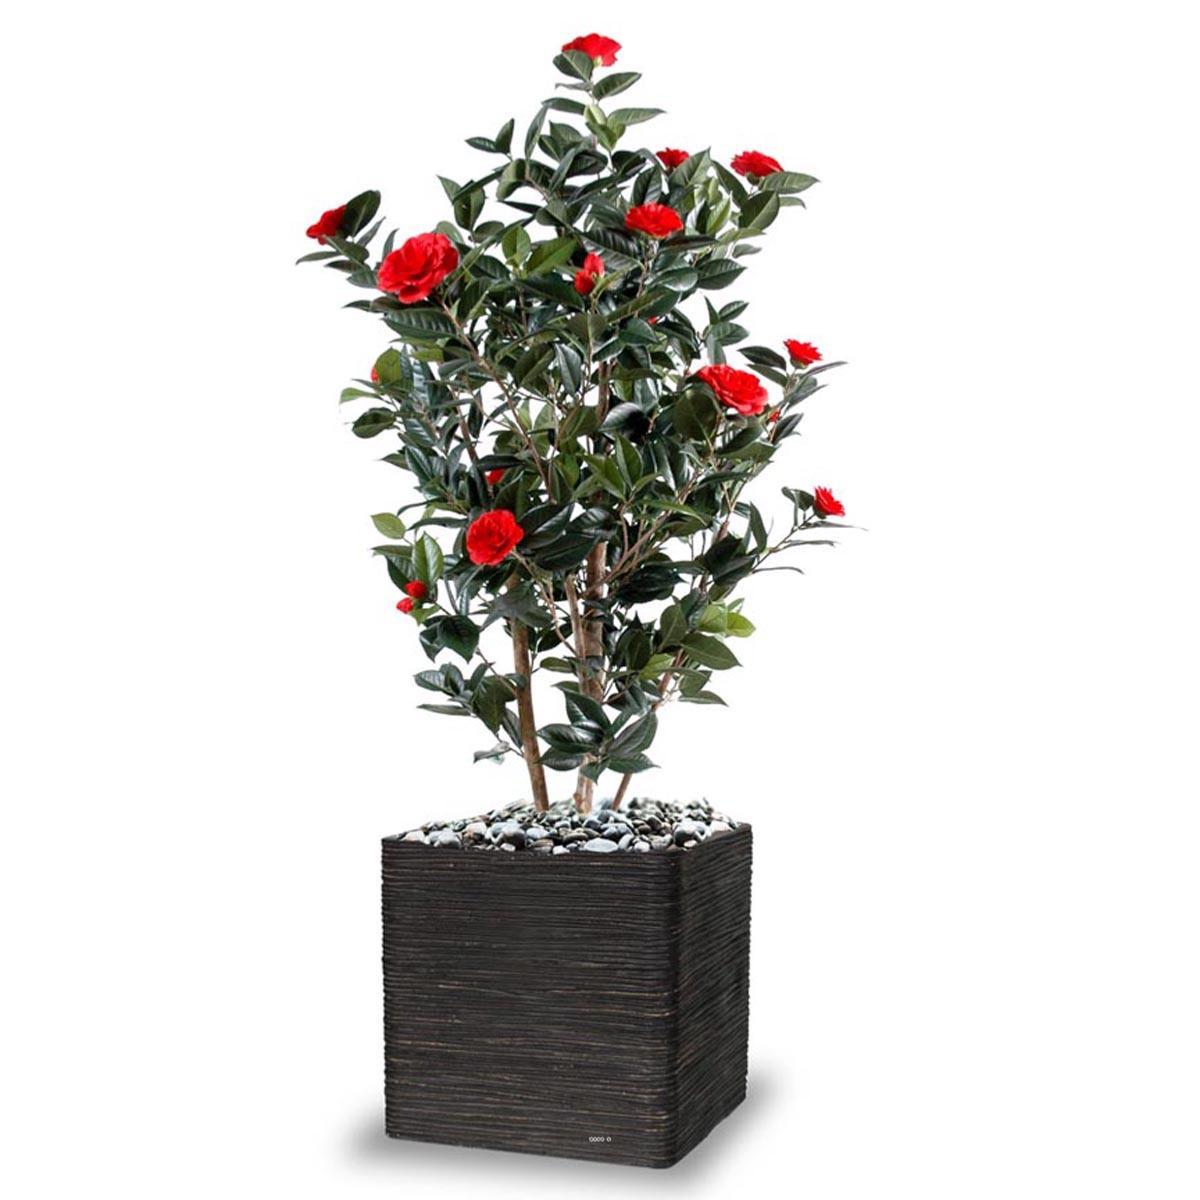 Camelia artificiel du Japon tronc bois H 170 cm fleurs rouges